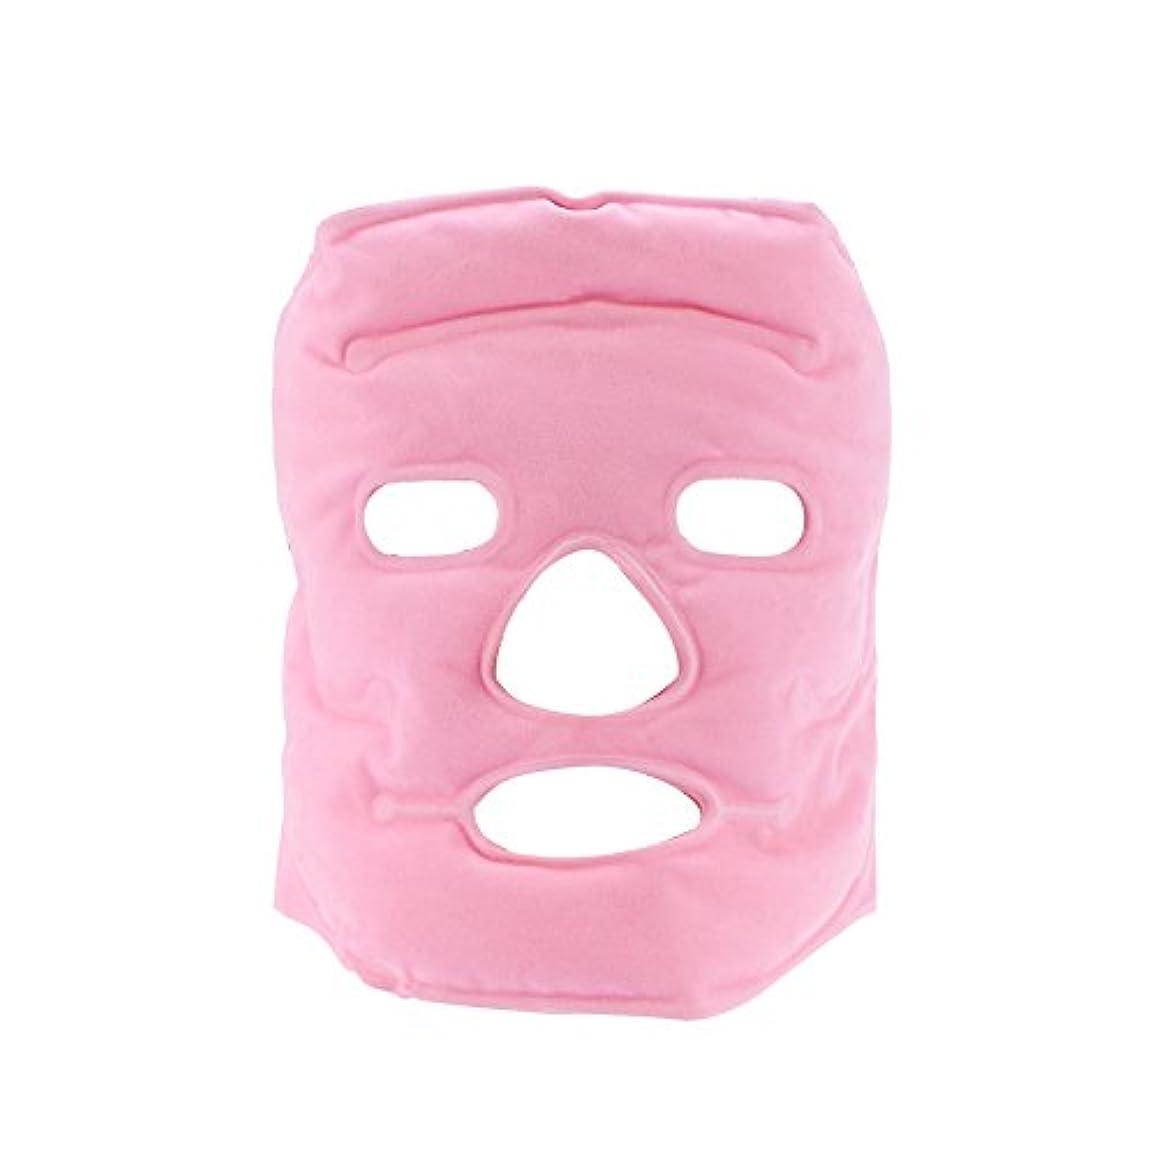 裕福なフレア伝導率トルマリンフェイスマスク、フェイシャル美容マスク計器トルマリン磁気コールド/ホットコンプレッションマッサージアンチリンクルフェイスケア女性